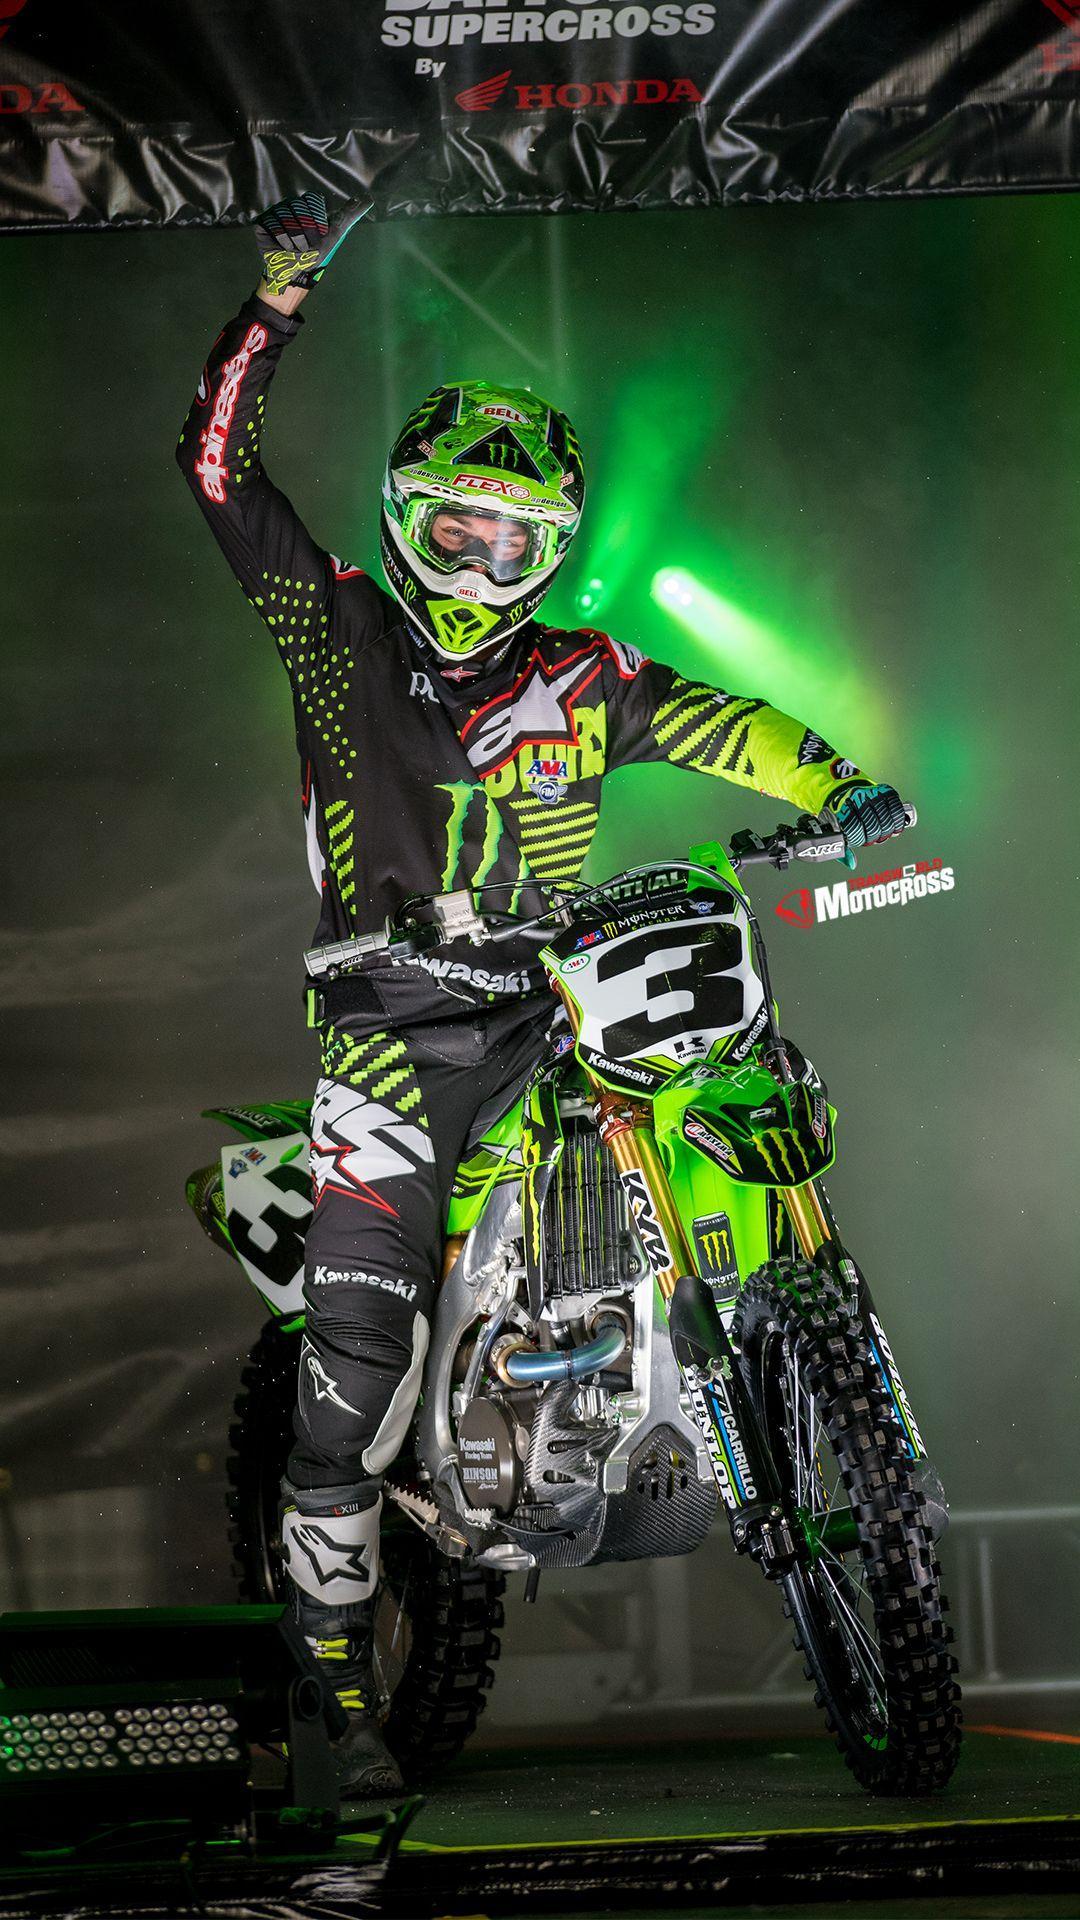 Green Monster Motocross Wallpaper